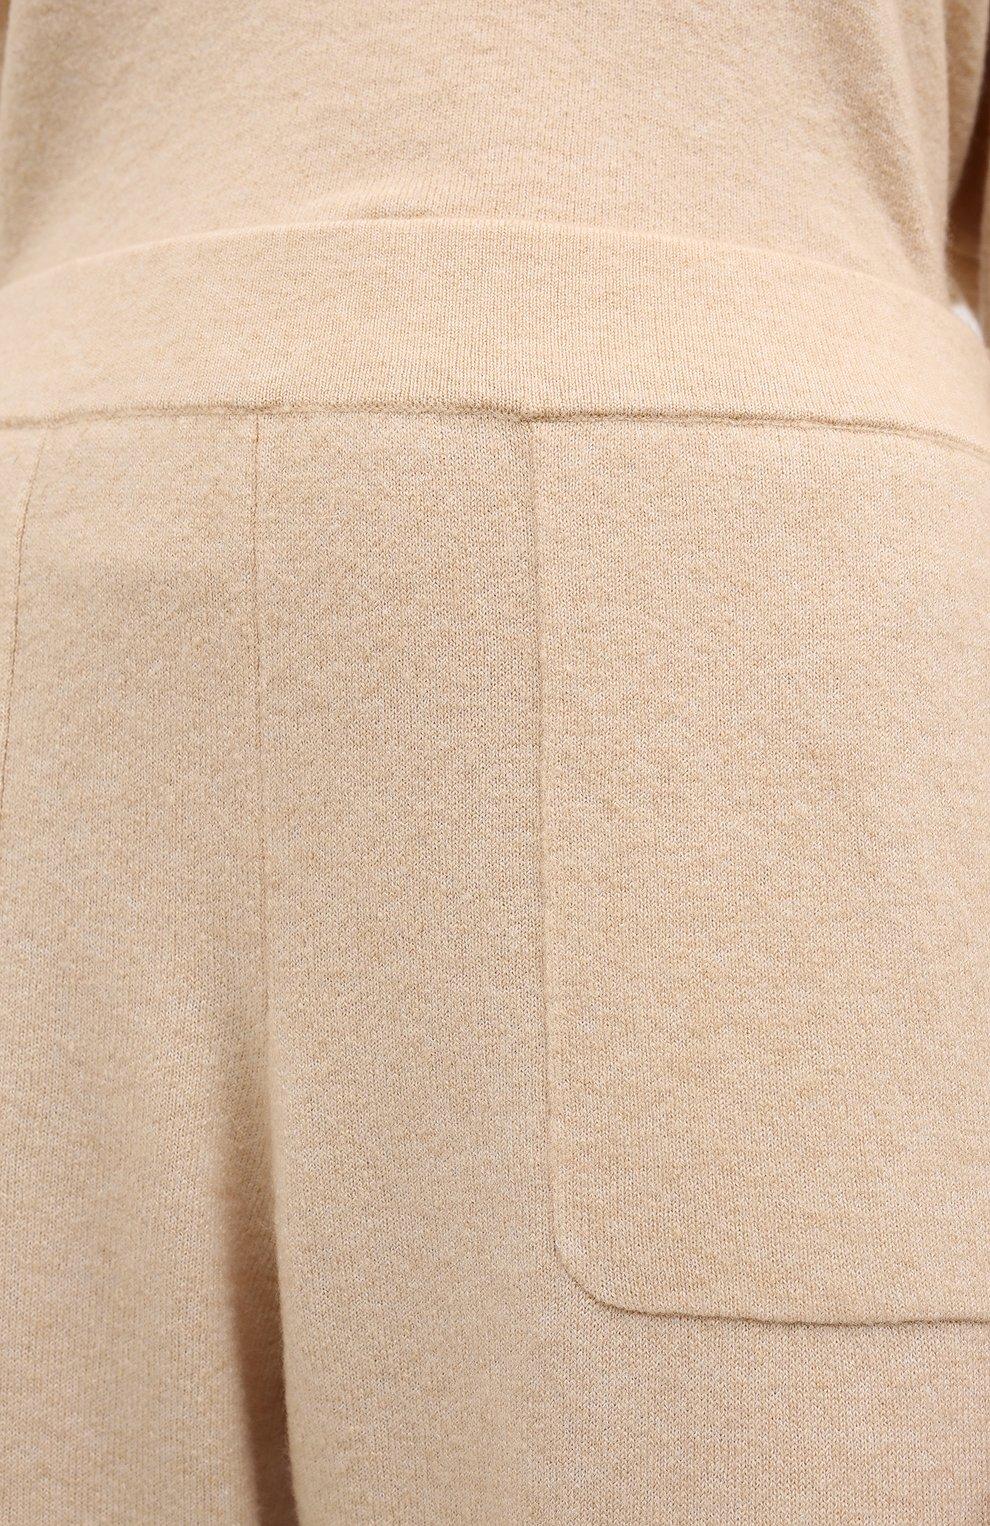 Женские джоггеры ALLUDE бежевого цвета, арт. 205/65023 | Фото 5 (Материал внешний: Шерсть, Синтетический материал; Длина (брюки, джинсы): Стандартные; Женское Кросс-КТ: Брюки-одежда, Джоггеры - брюки; Силуэт Ж (брюки и джинсы): Джоггеры; Кросс-КТ: Трикотаж)